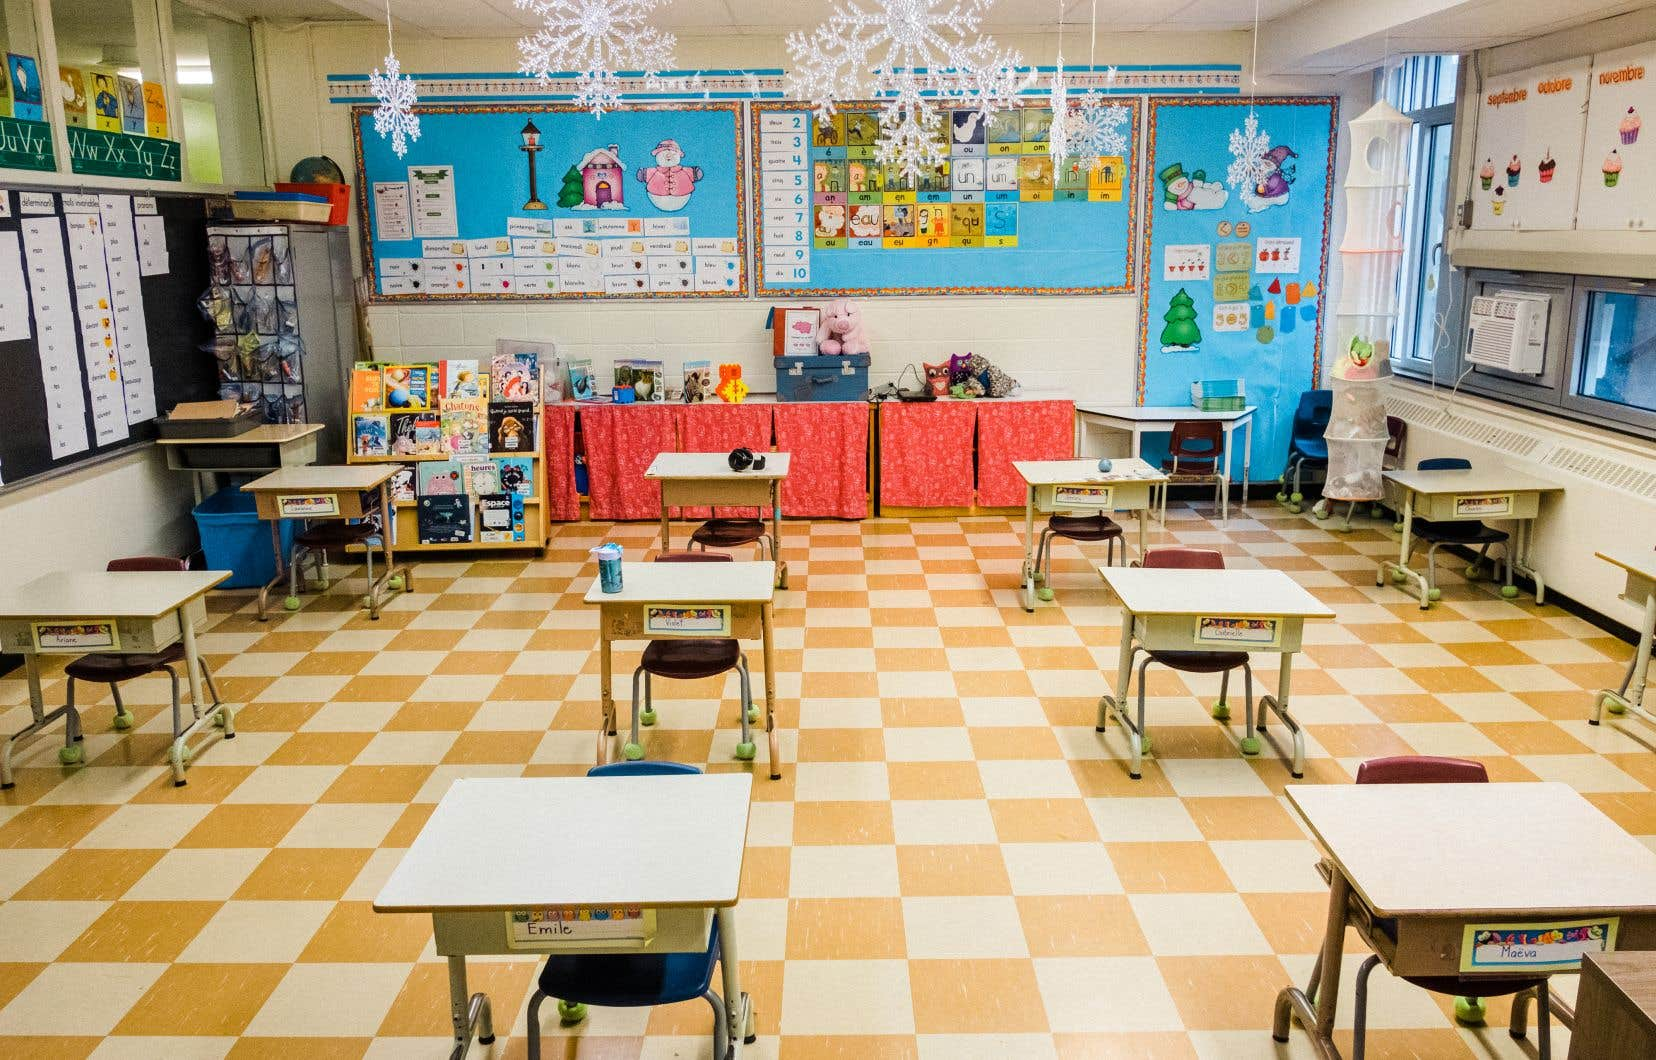 À l'école Saint-Romain, certains locaux n'ont déjà plus que la moitié des pupitres habituels.